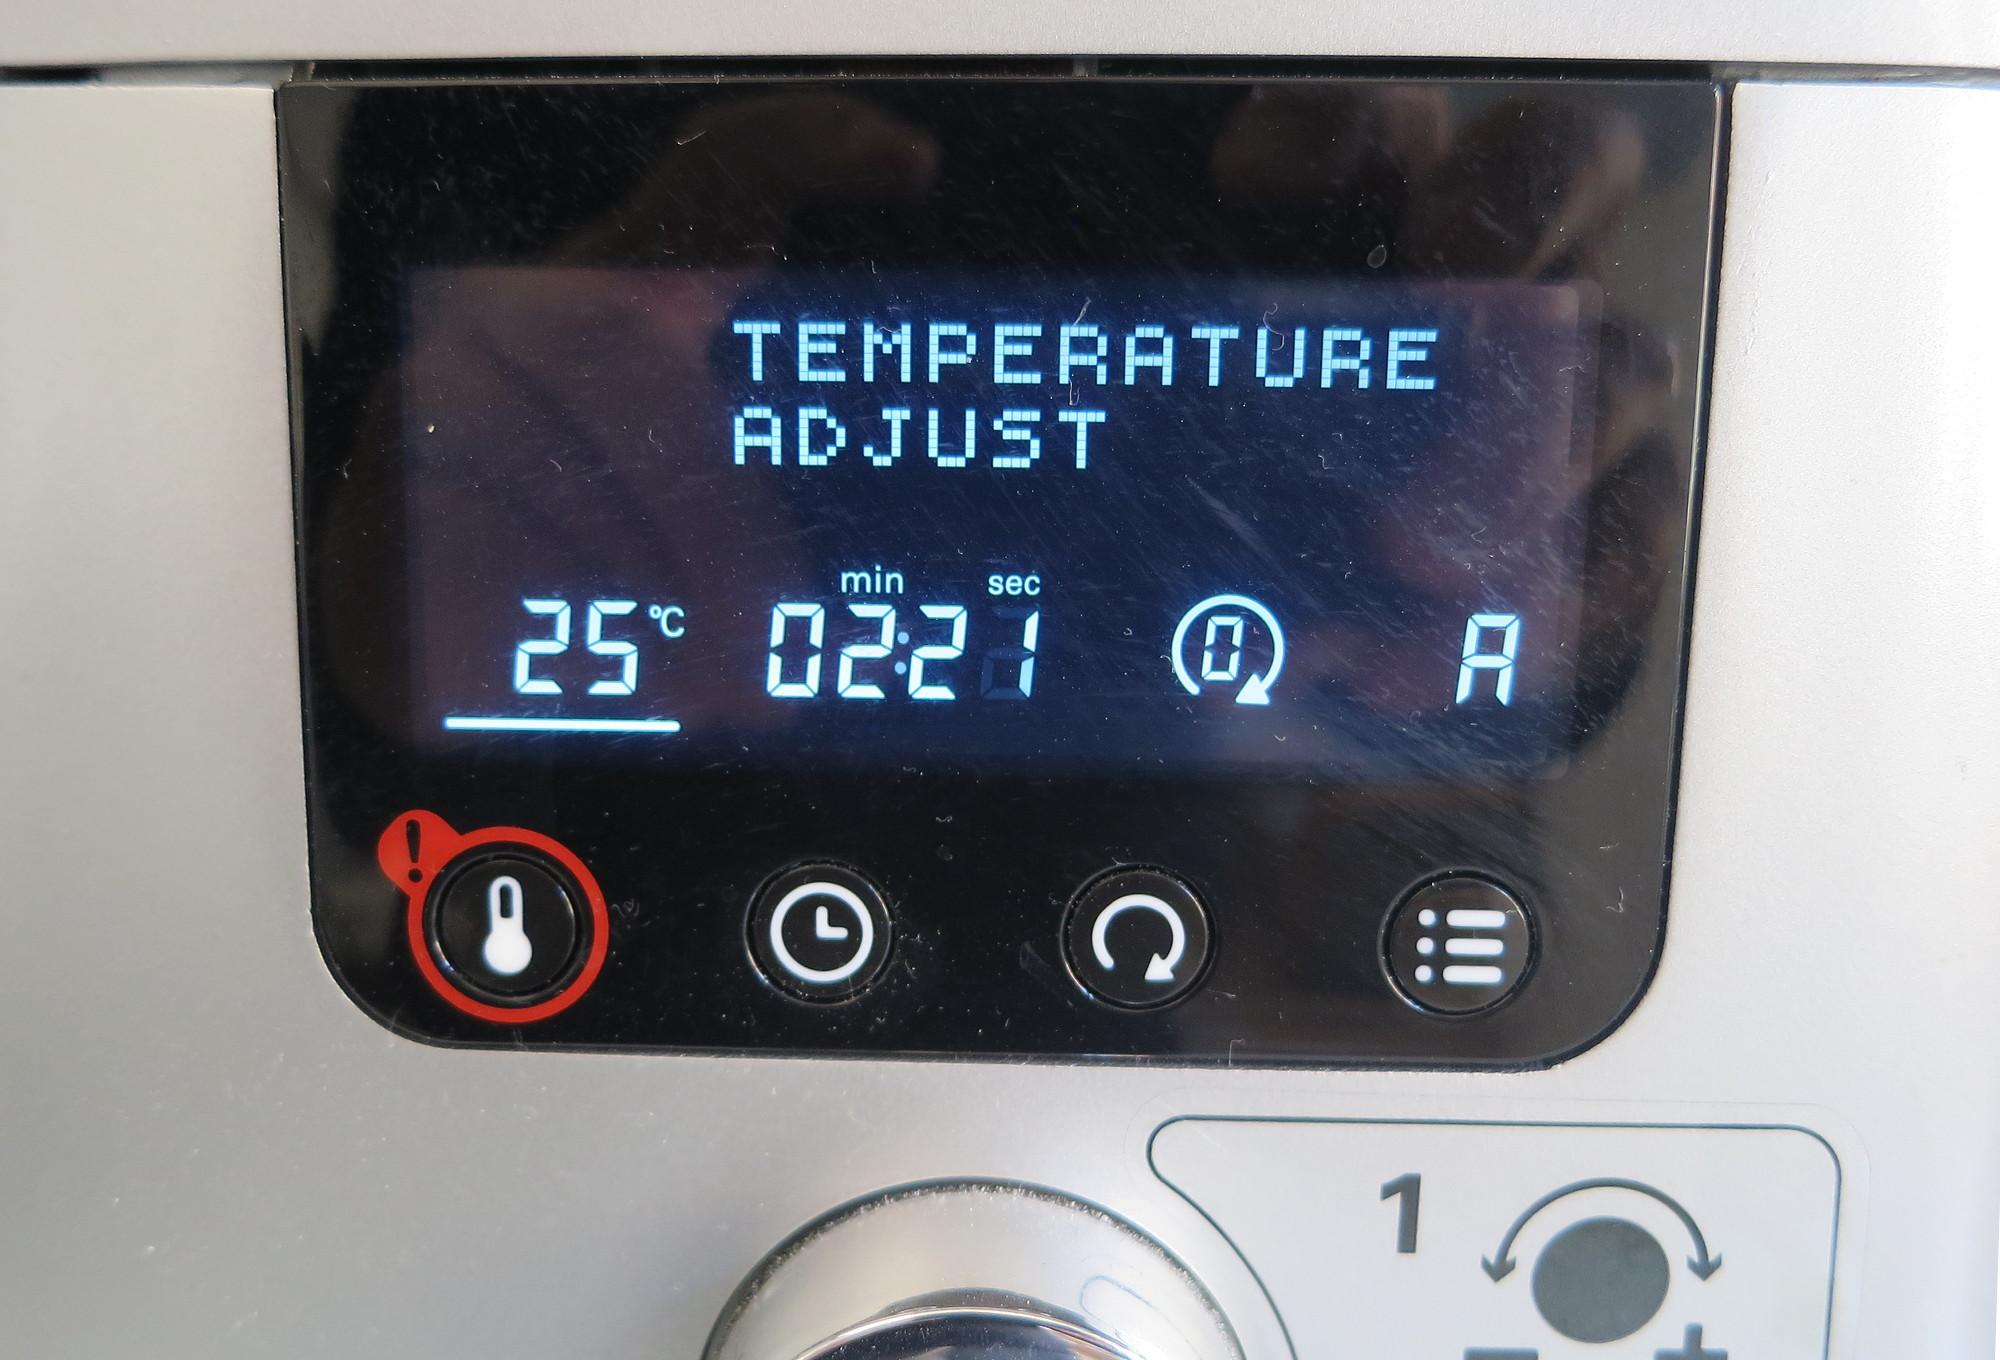 Temperaturanzeige der Kenwood Cooking Chef Gourmet